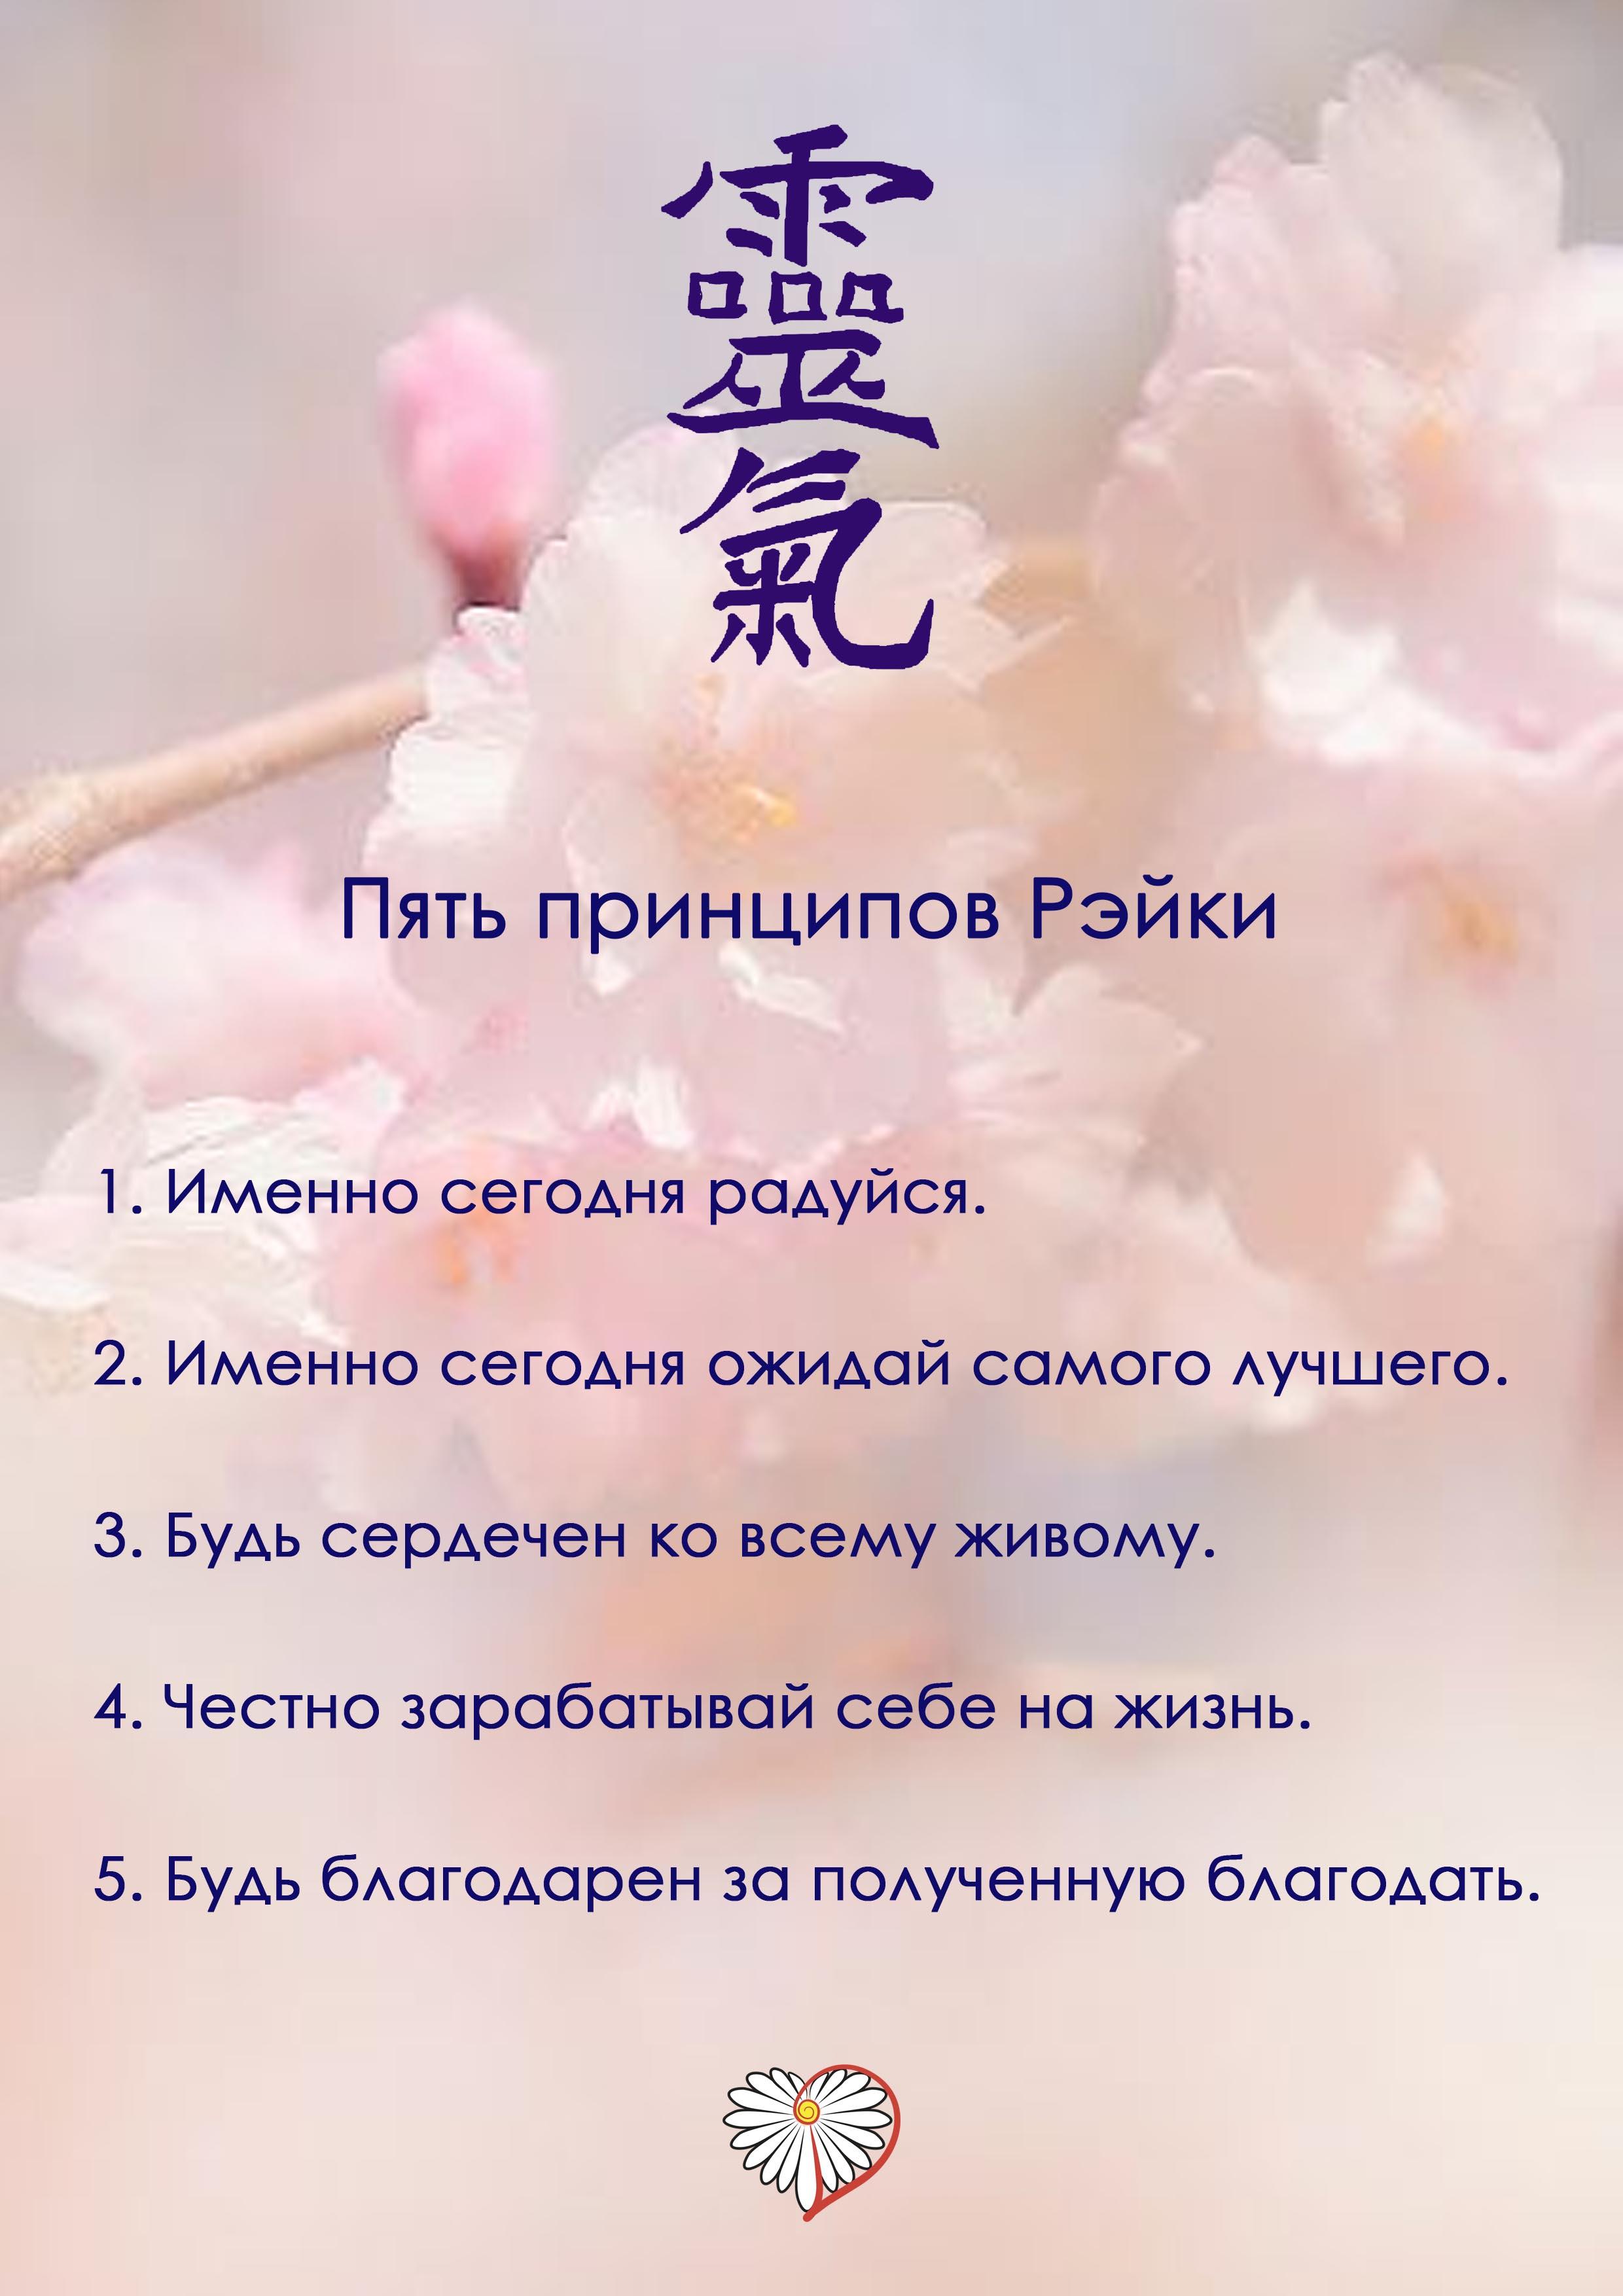 Принципы Рэйки. Блог Татьяны Дугельной